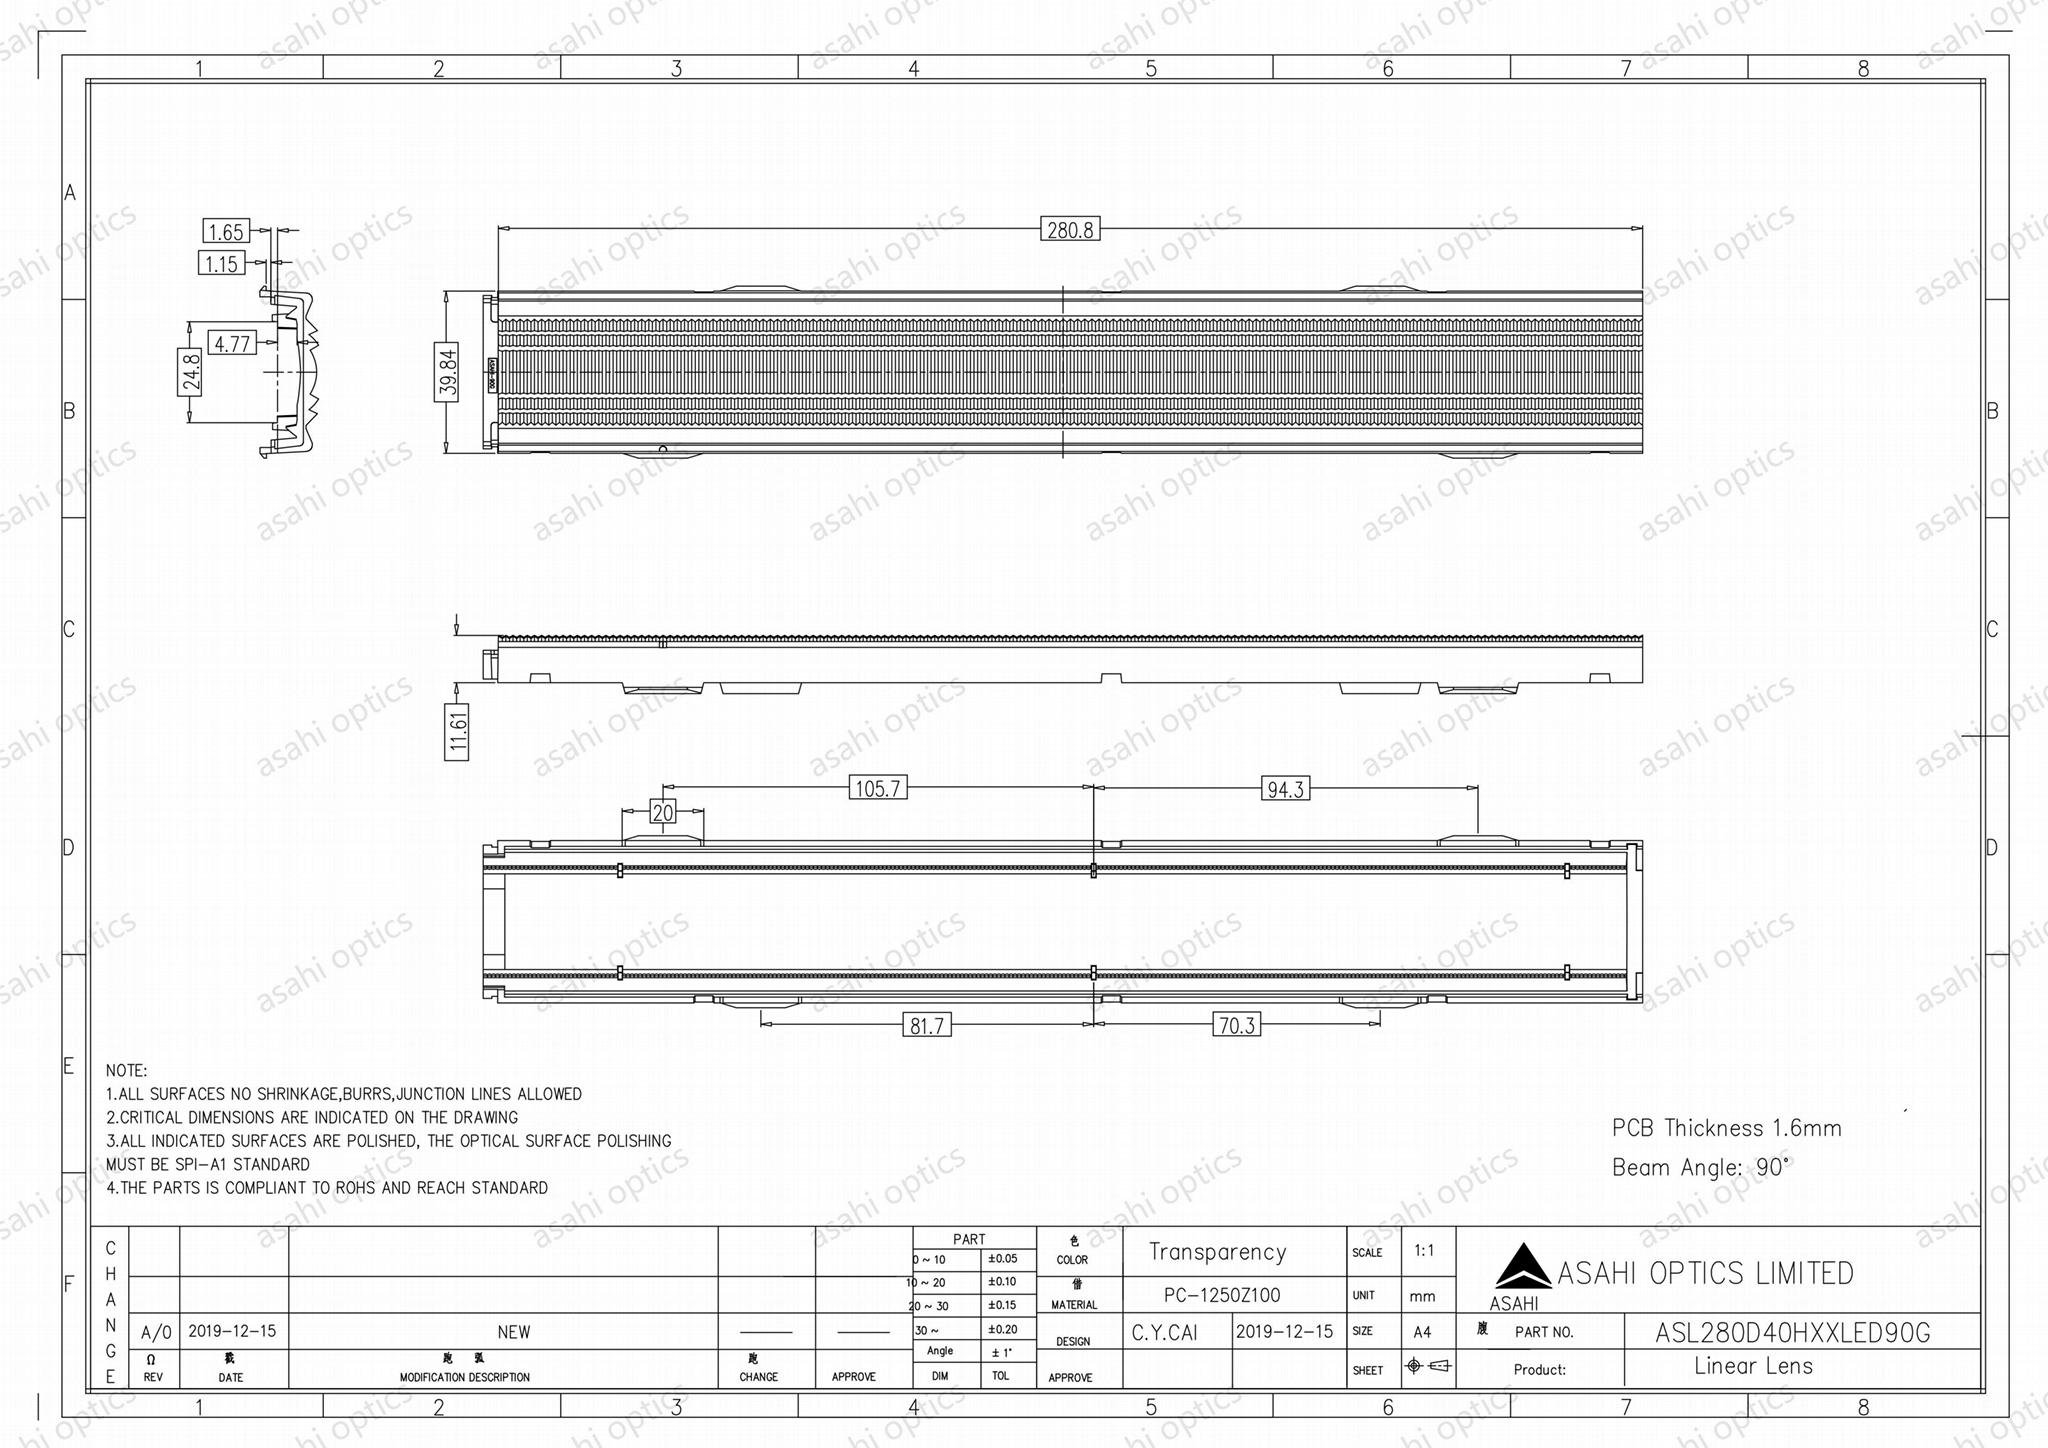 Linear lens 280mm ZHAGA standard adapts a snap-on type ASL280D40HXXLED90G 3